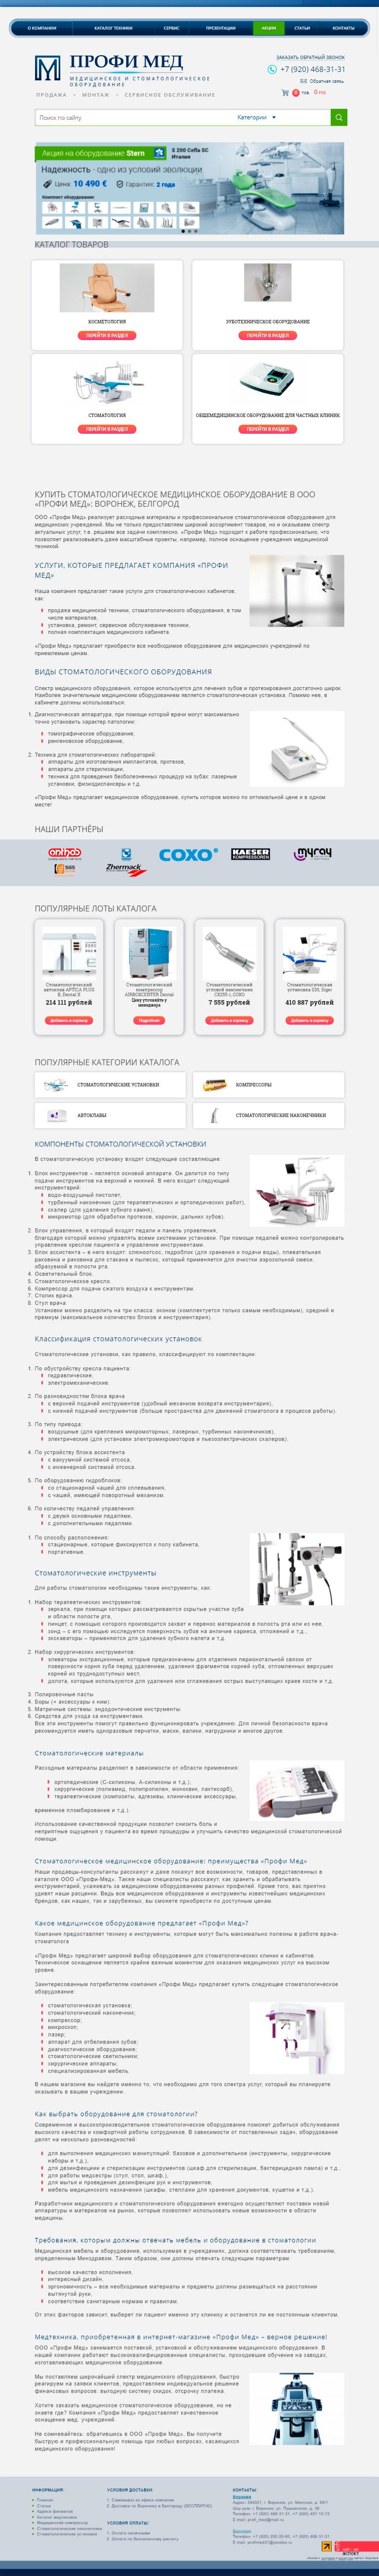 b2b сайты примеры ПрофиМед 640 px